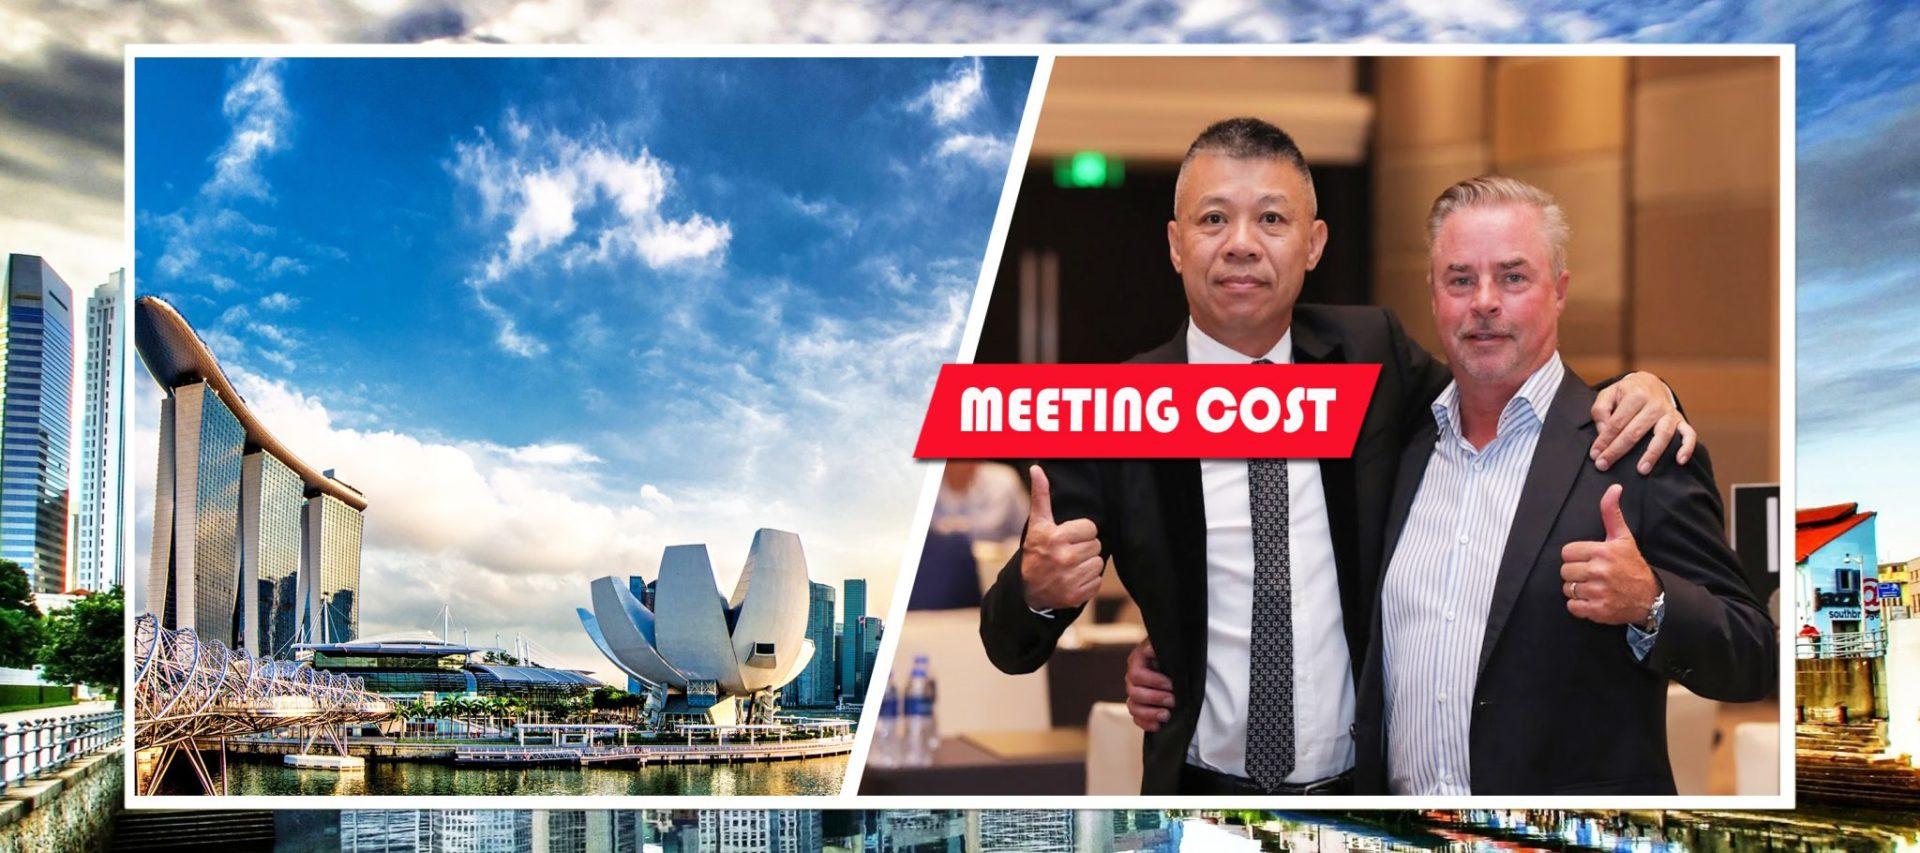 Meeting-Cost_2020_PLN-2048x910